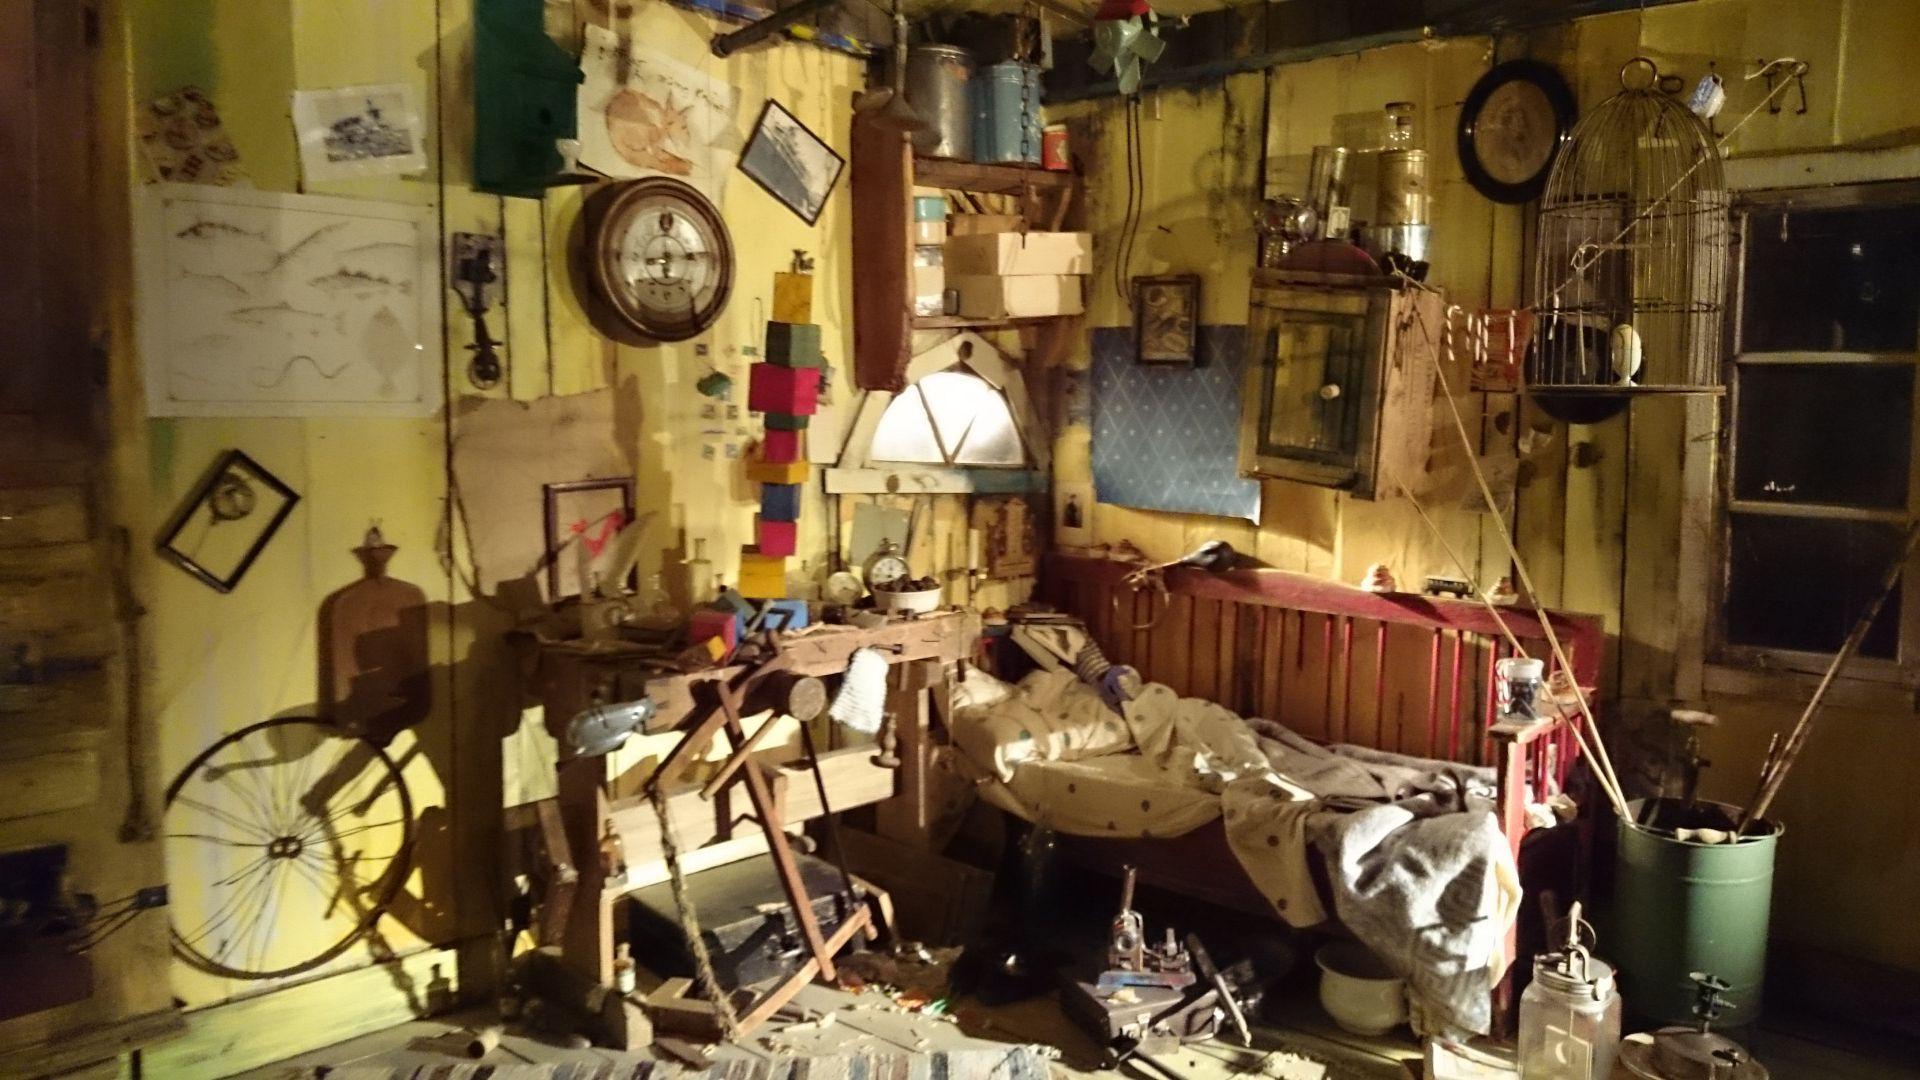 Комната карлсона в музее Астрид Лингрен